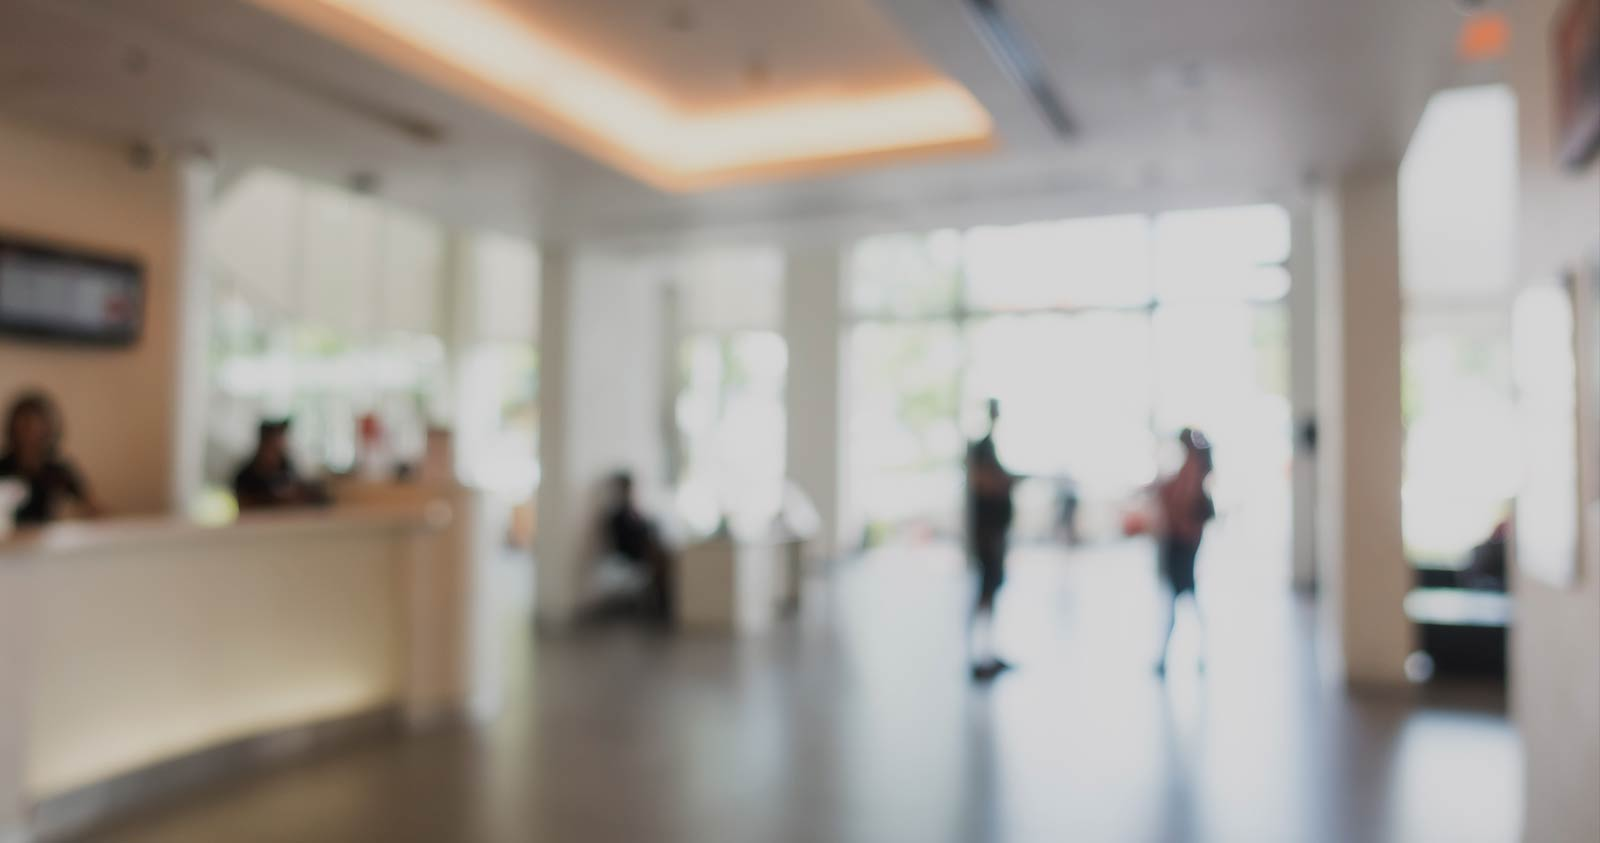 Delta Informática especialistas en soluciones para hoteles, hostales y piso turísticos o casas rurales. Registro de clientes presencial u online, desde un móvil o tablet, para más seguridad y dar mejor servicio